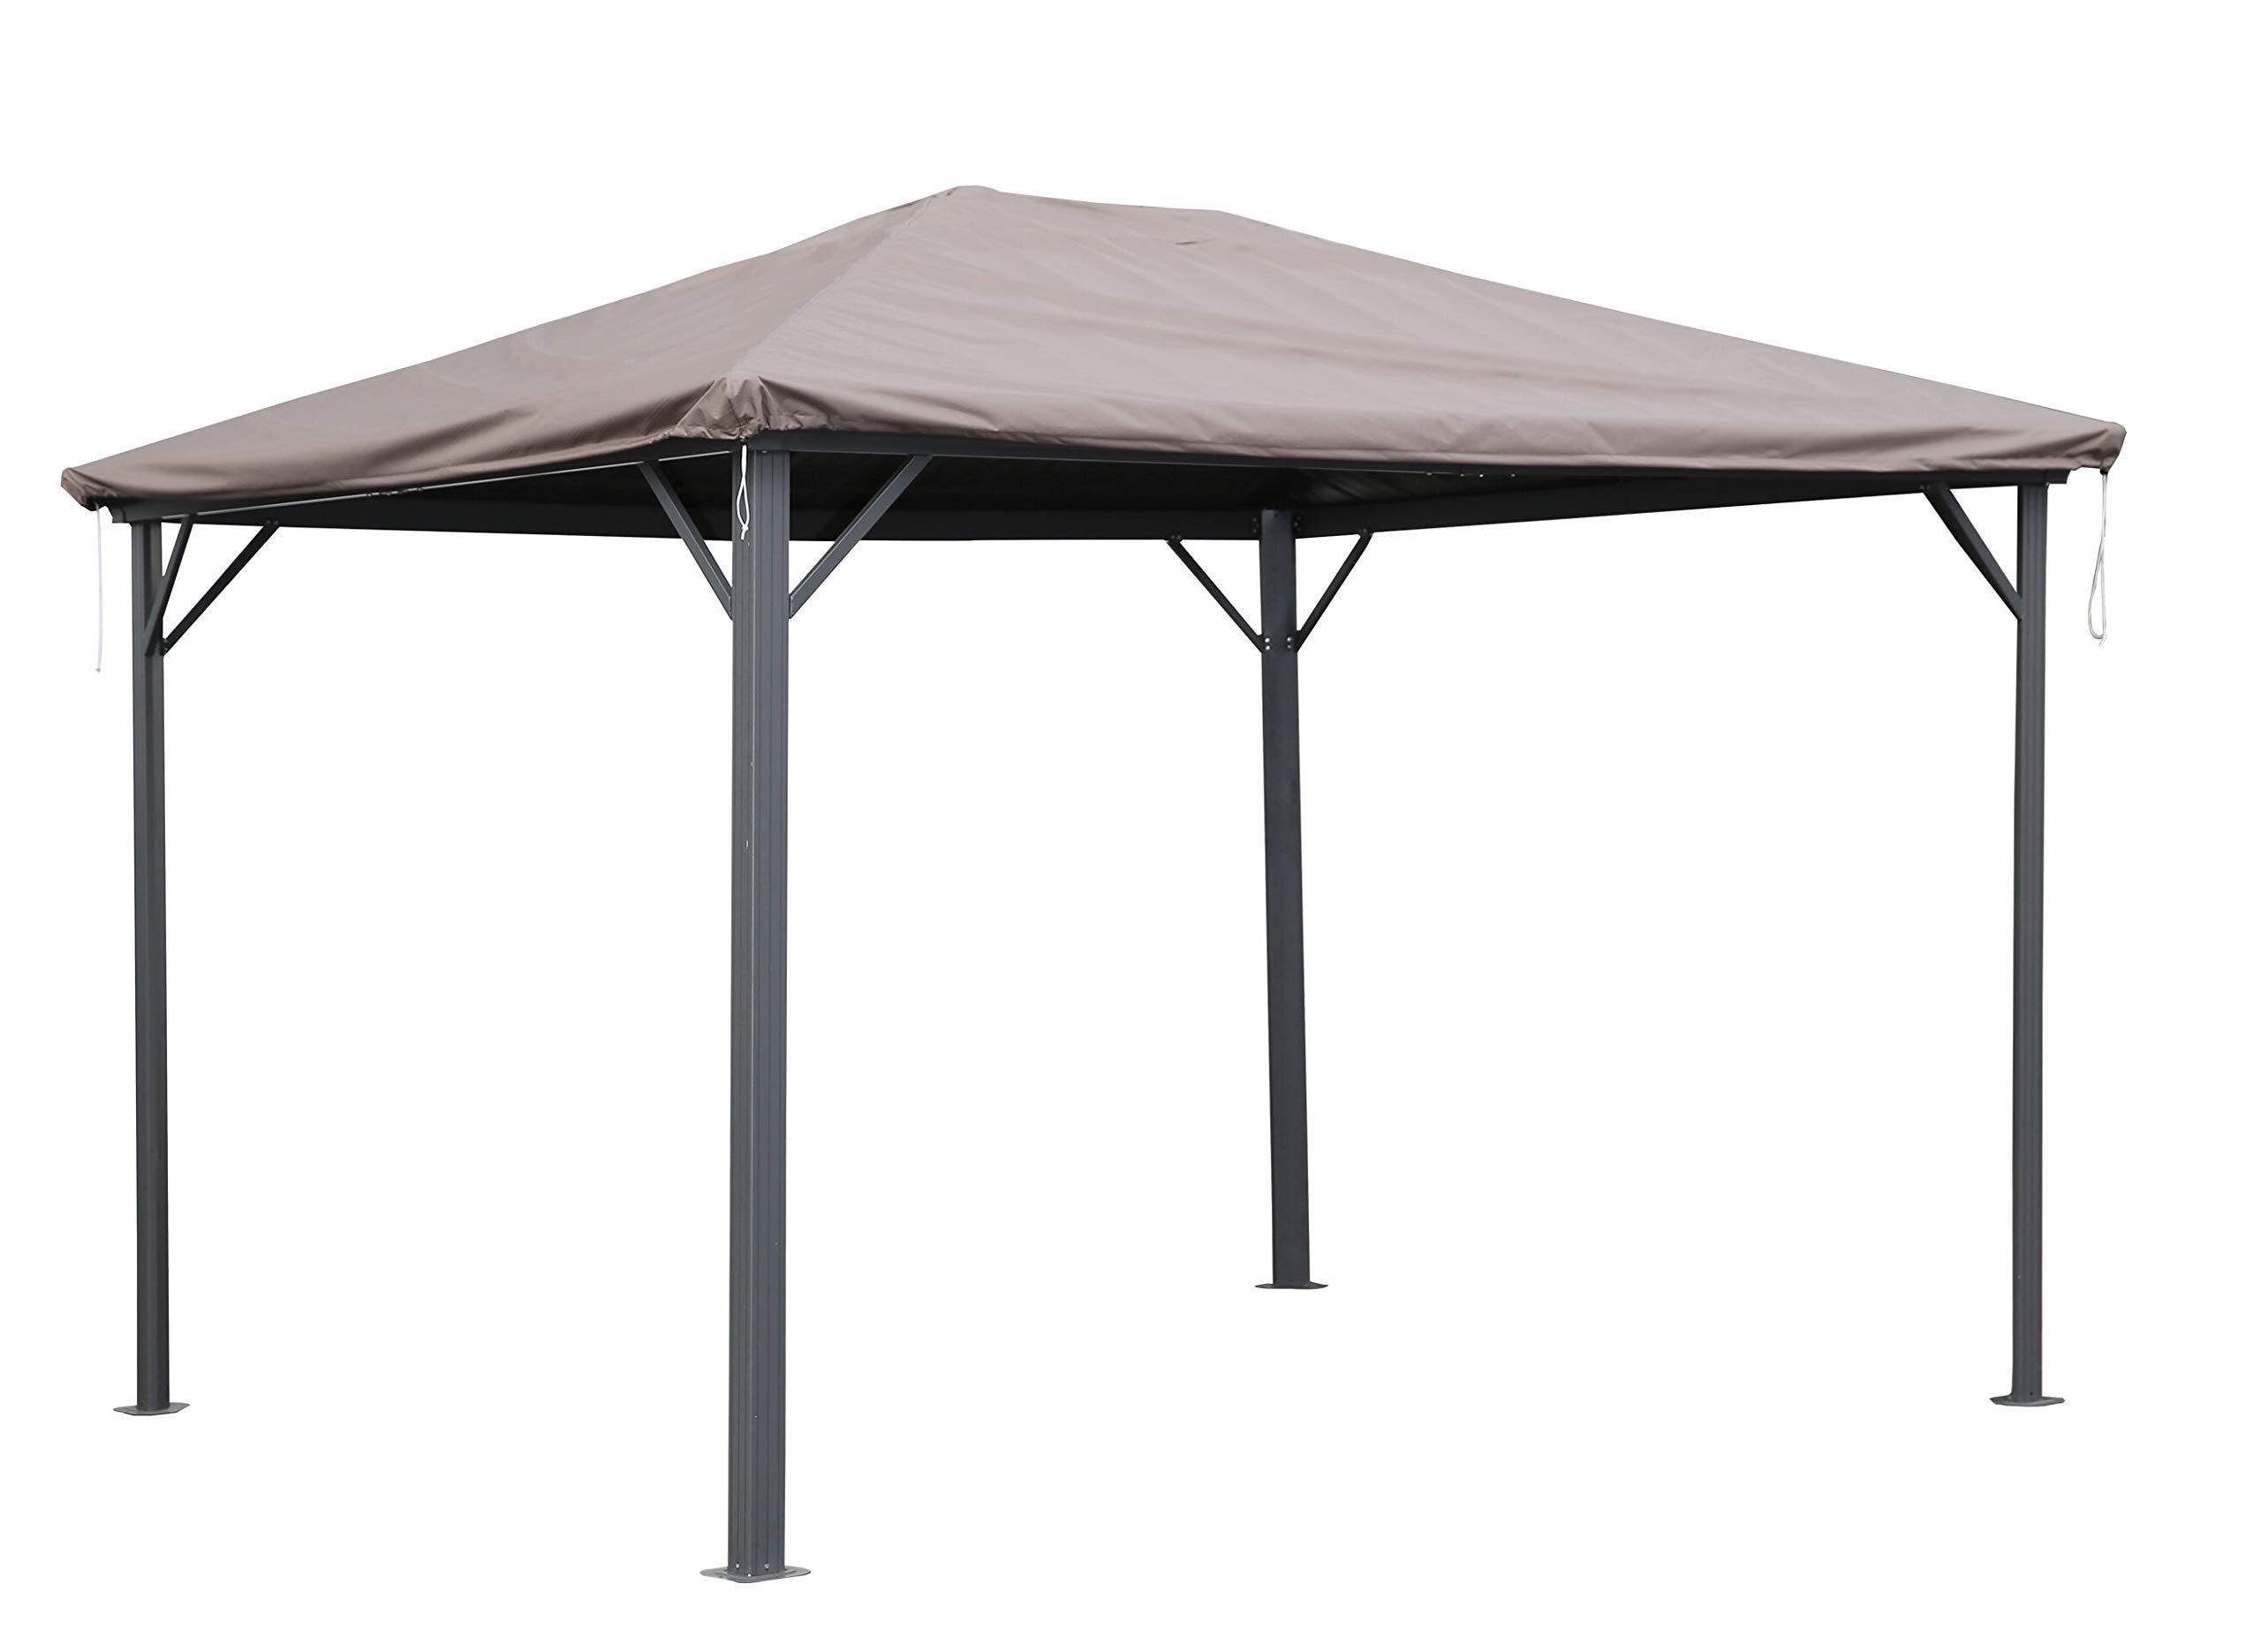 QUICK STAR - Funda Protectora Impermeable para Carpa de 3 x 3, 6 m para Tela y Techo rígido: Amazon.es: Jardín